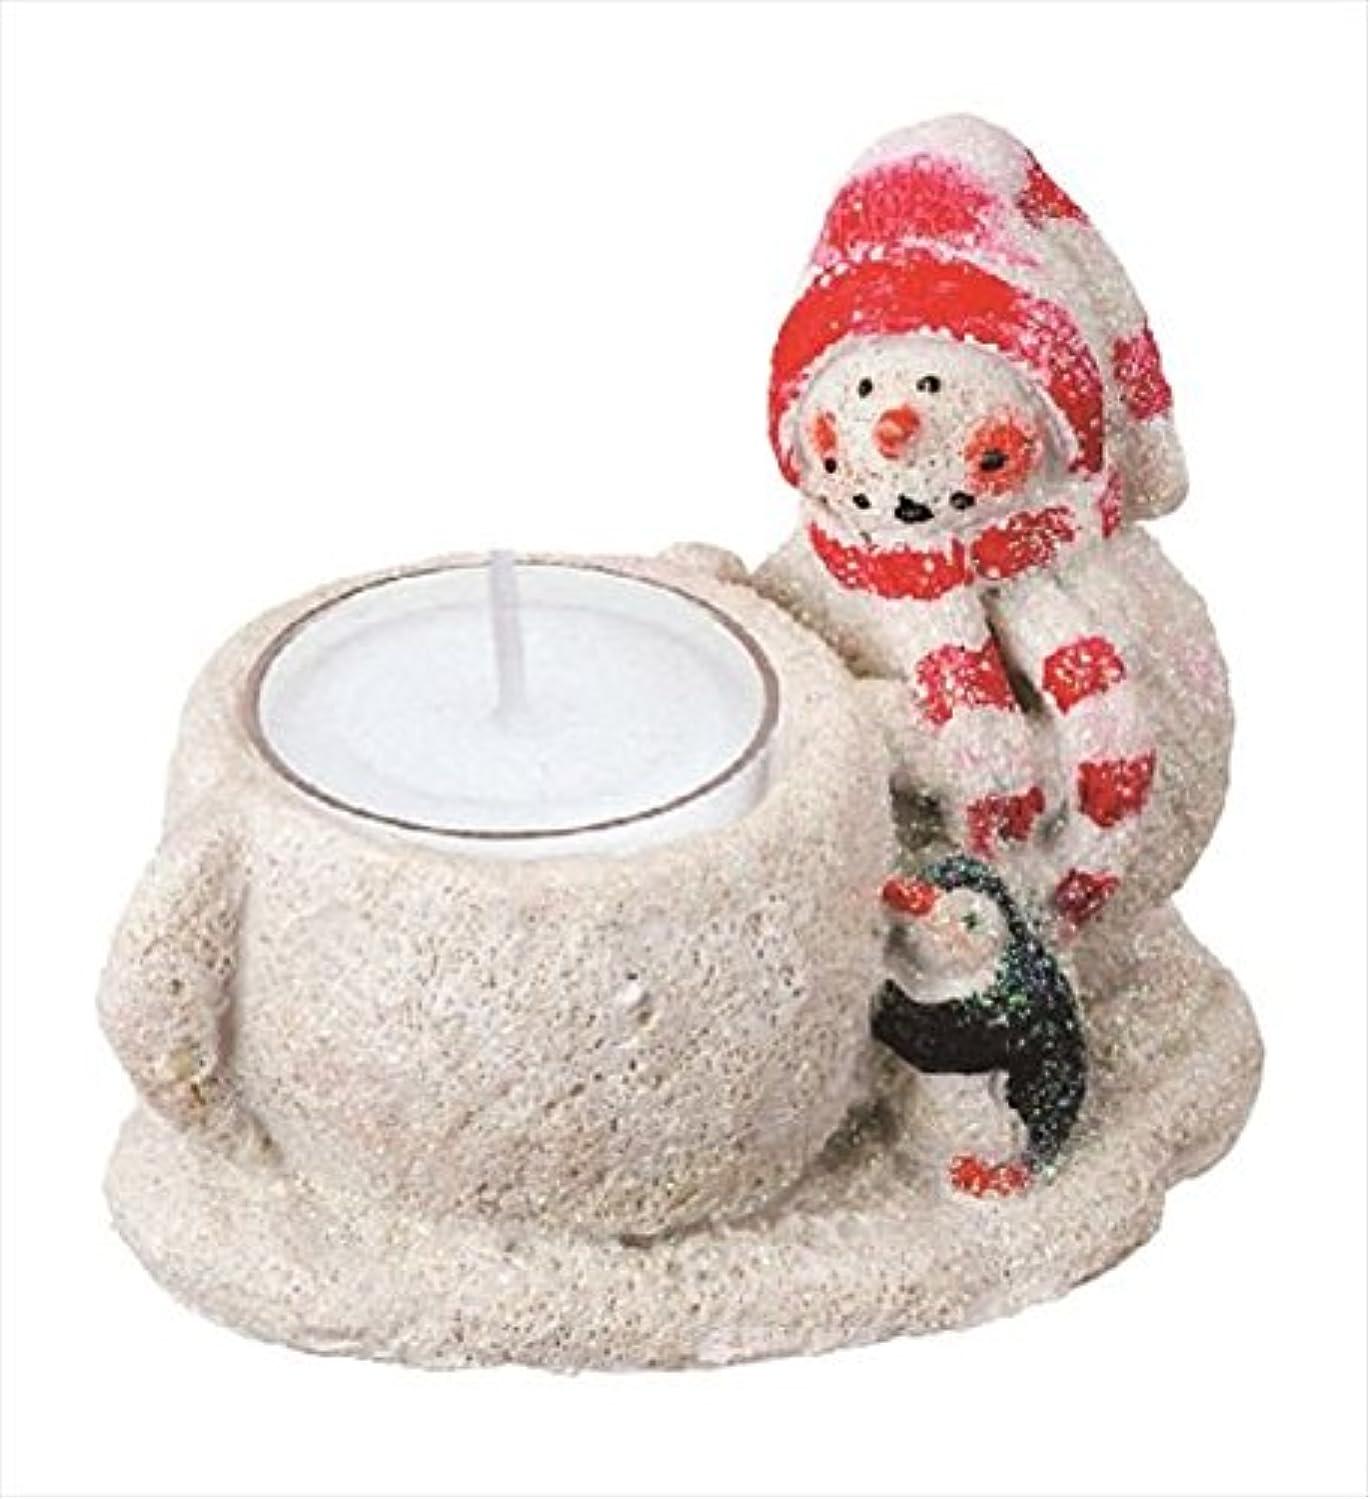 添加効果的にとティームkameyama candle(カメヤマキャンドル) グリッタースノーマンホルダー 「 レッド 」(J5520000R)